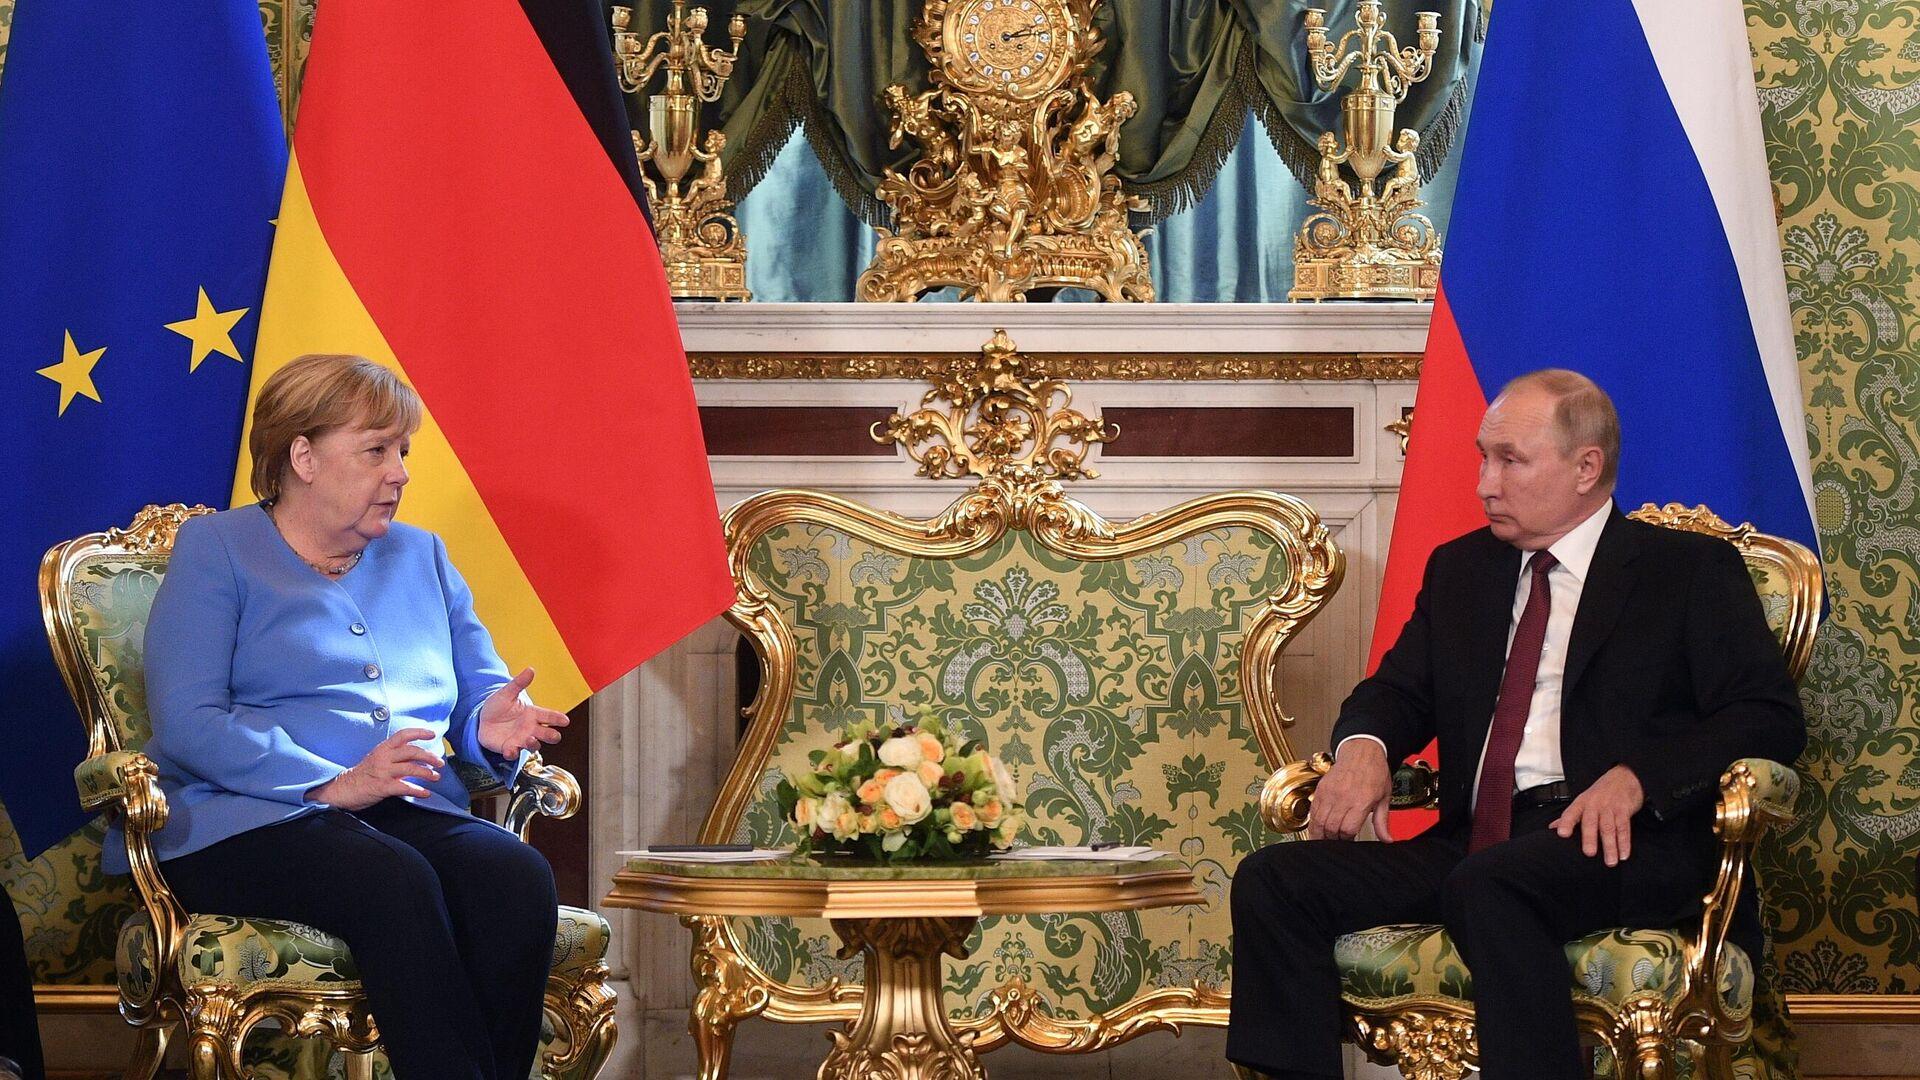 Nemačka kancelarka Angela Merkel i predsednik Rusije Vladimir Putin na sastanku u Kremlju - Sputnik Srbija, 1920, 20.08.2021